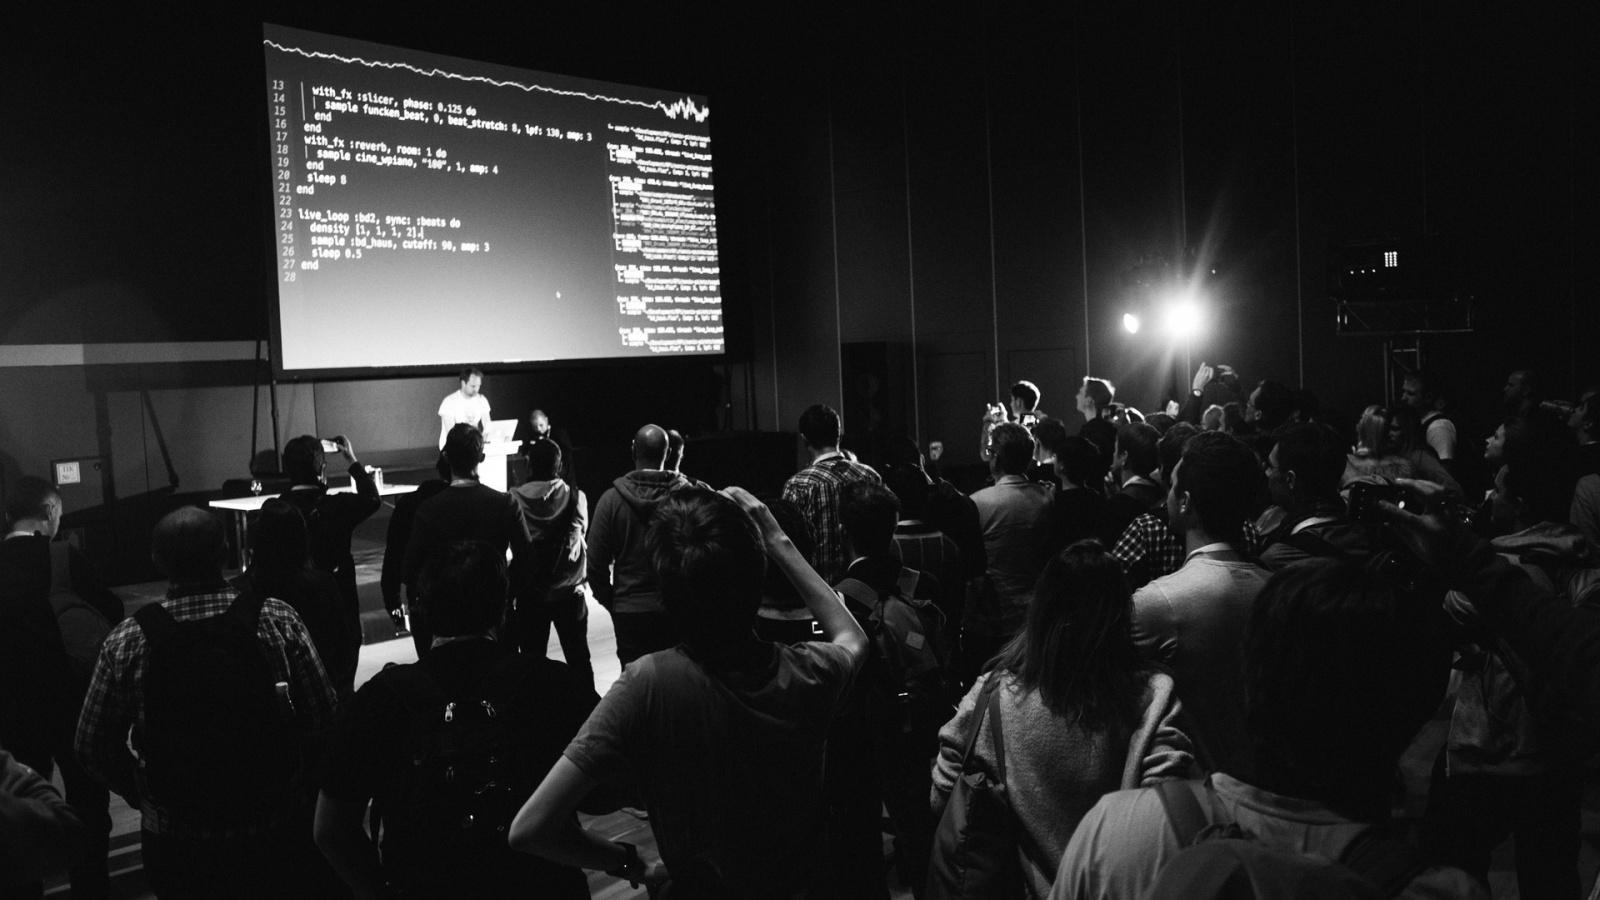 Конференции для разработчиков как путь в Senior? И что, работает? - 3